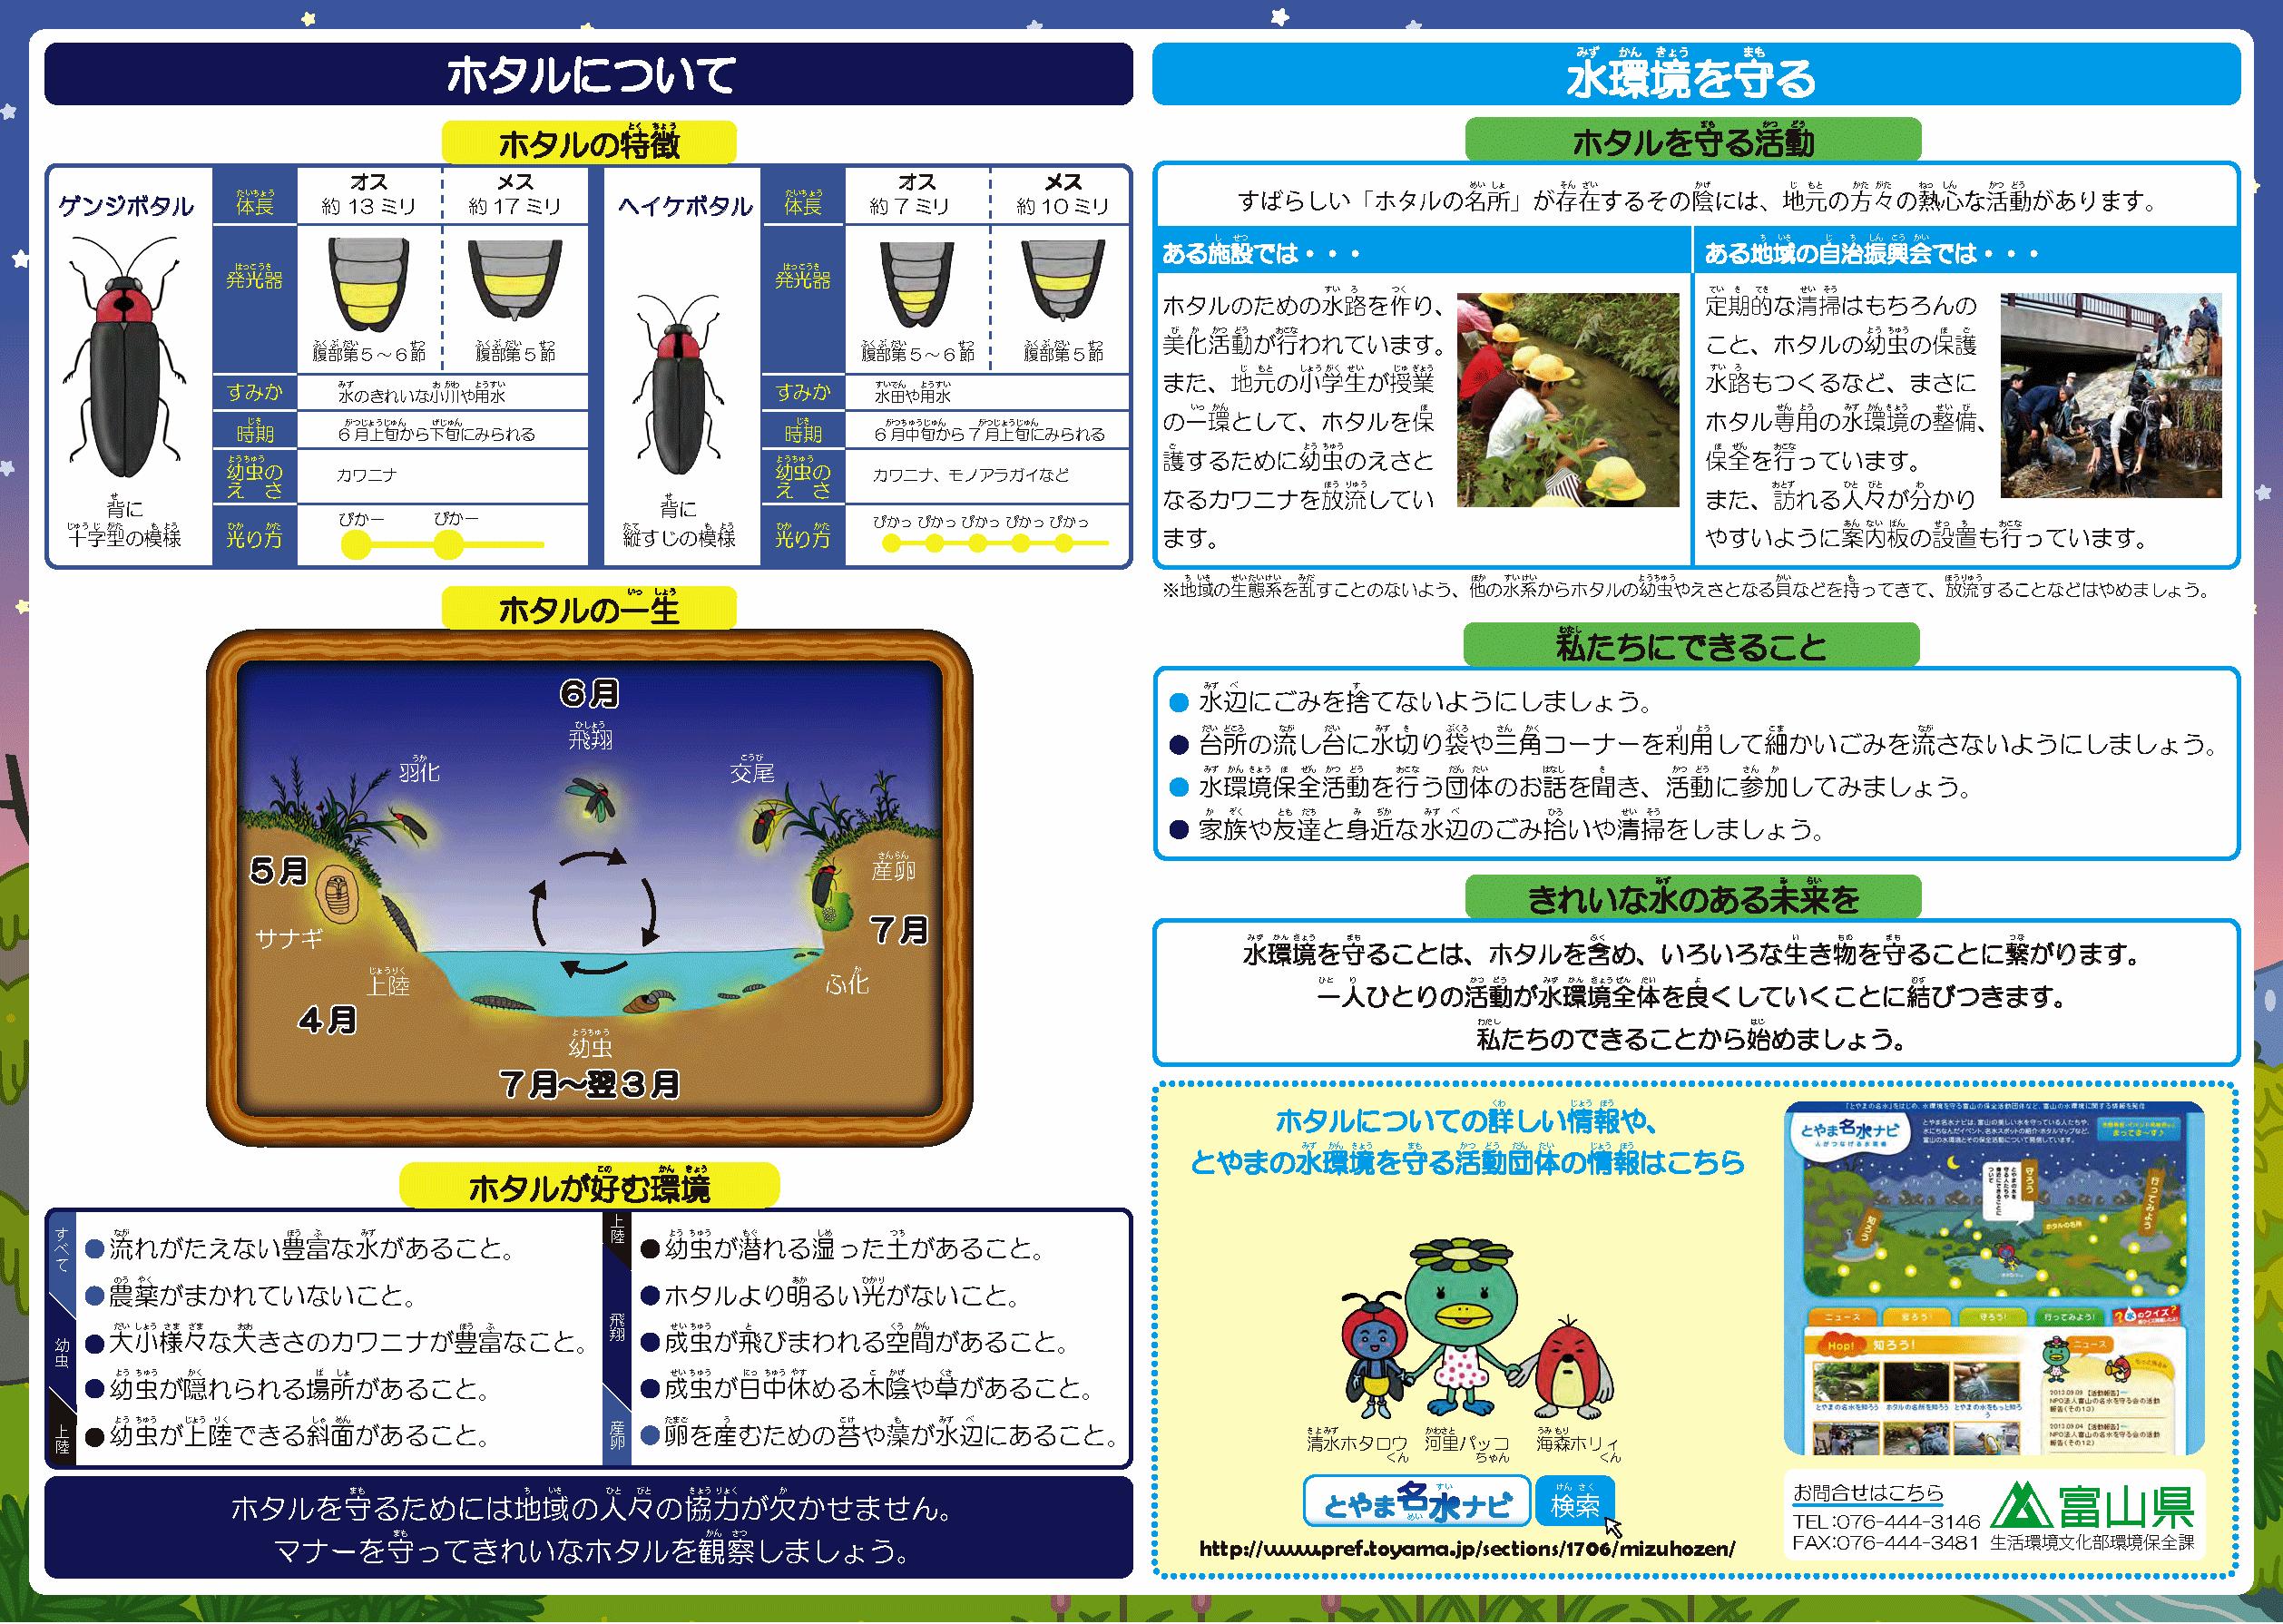 富山県のホタルマップ!ホタルの生態と鑑賞の注意点